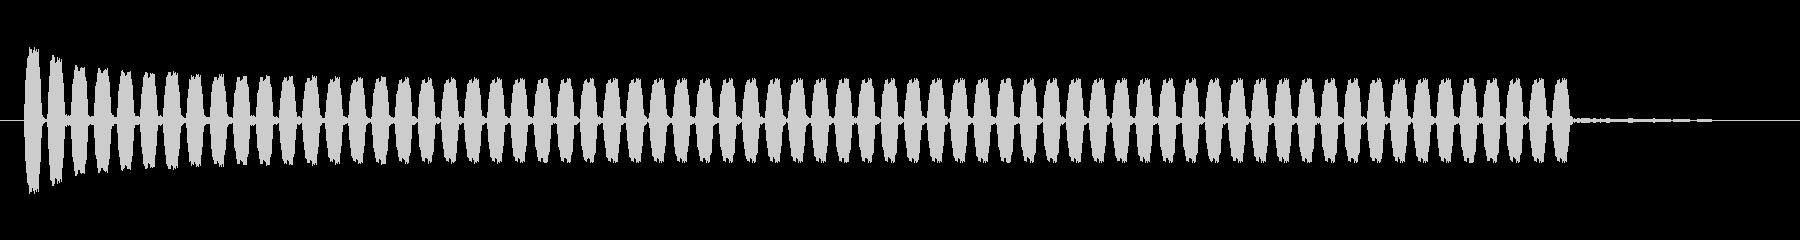 クイック電子バズトーン:コンピュー...の未再生の波形